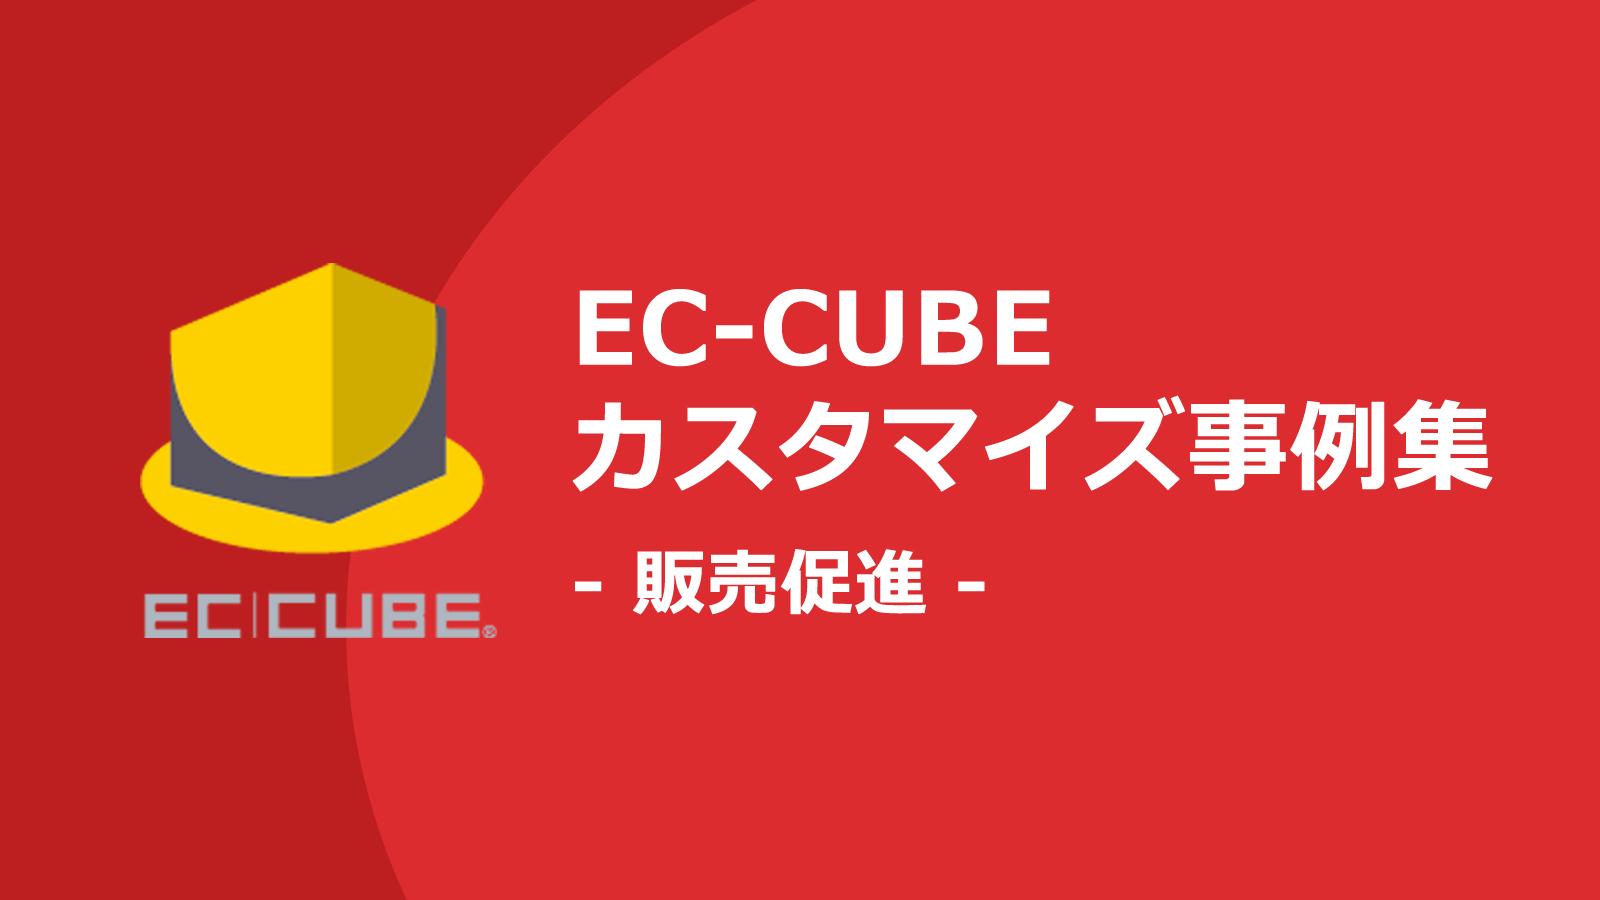 売り上げアップする販売促進に関するEC-CUBEカスタマイズ事例集